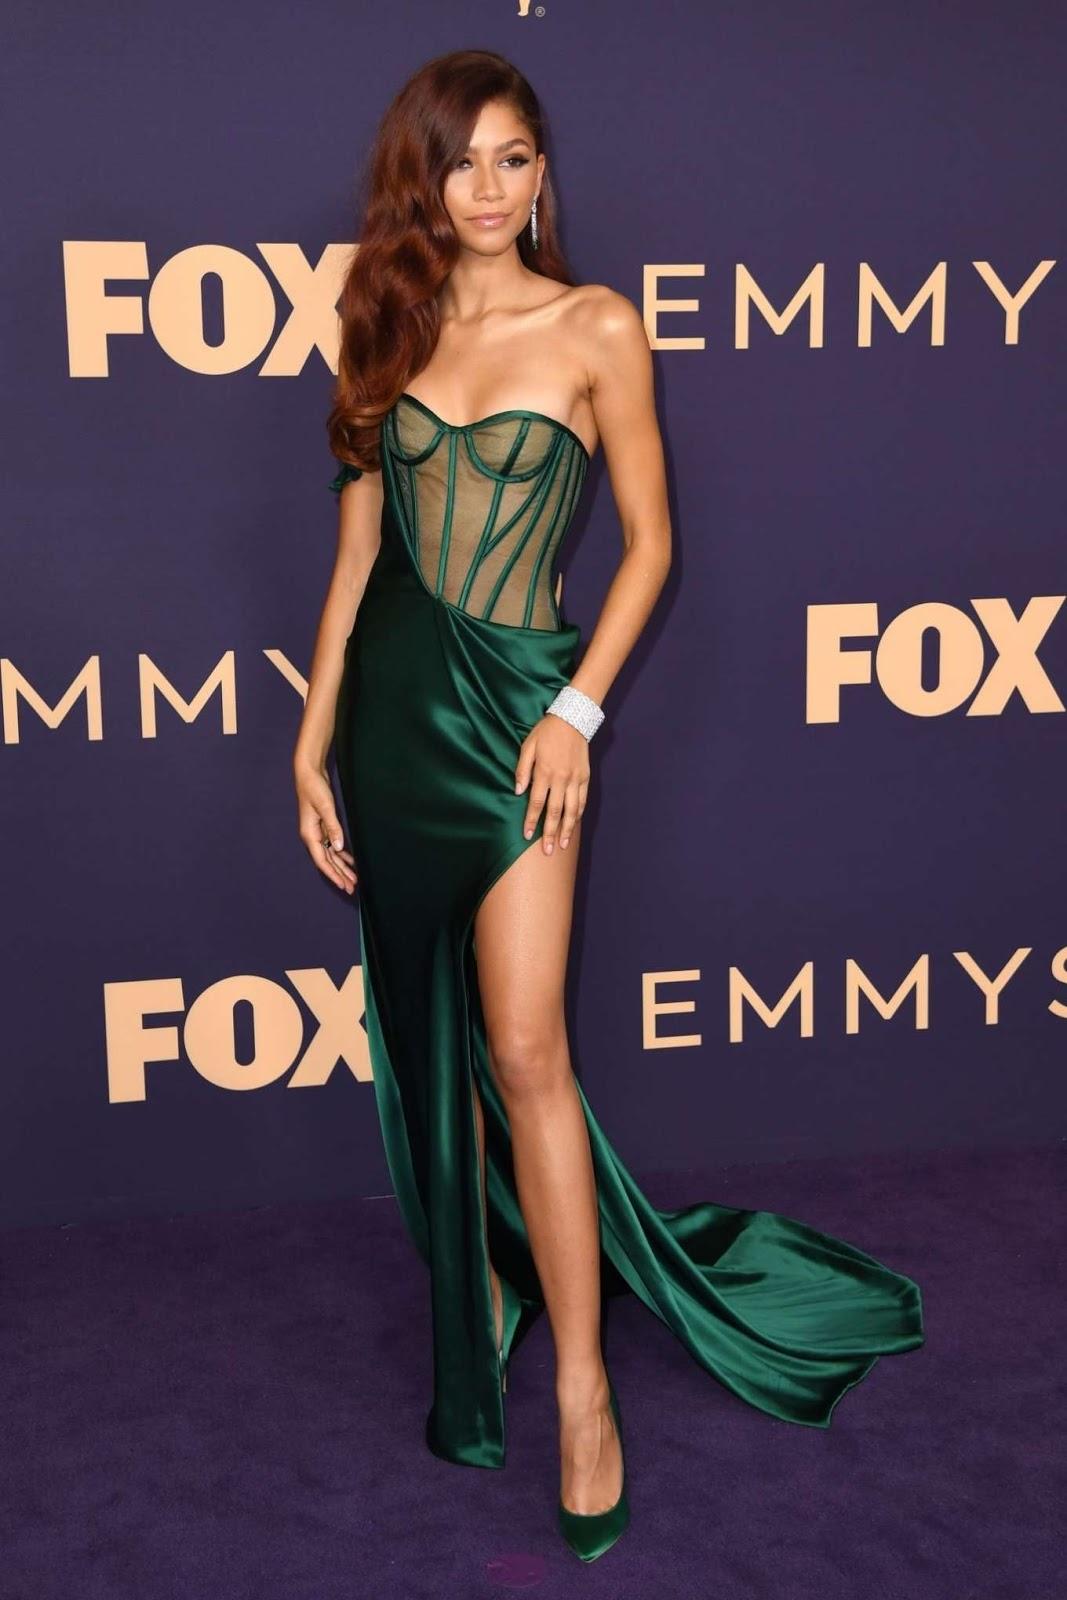 Zendaya's Emmys Look Is Like a Hot Little Mermaid in Lingerie